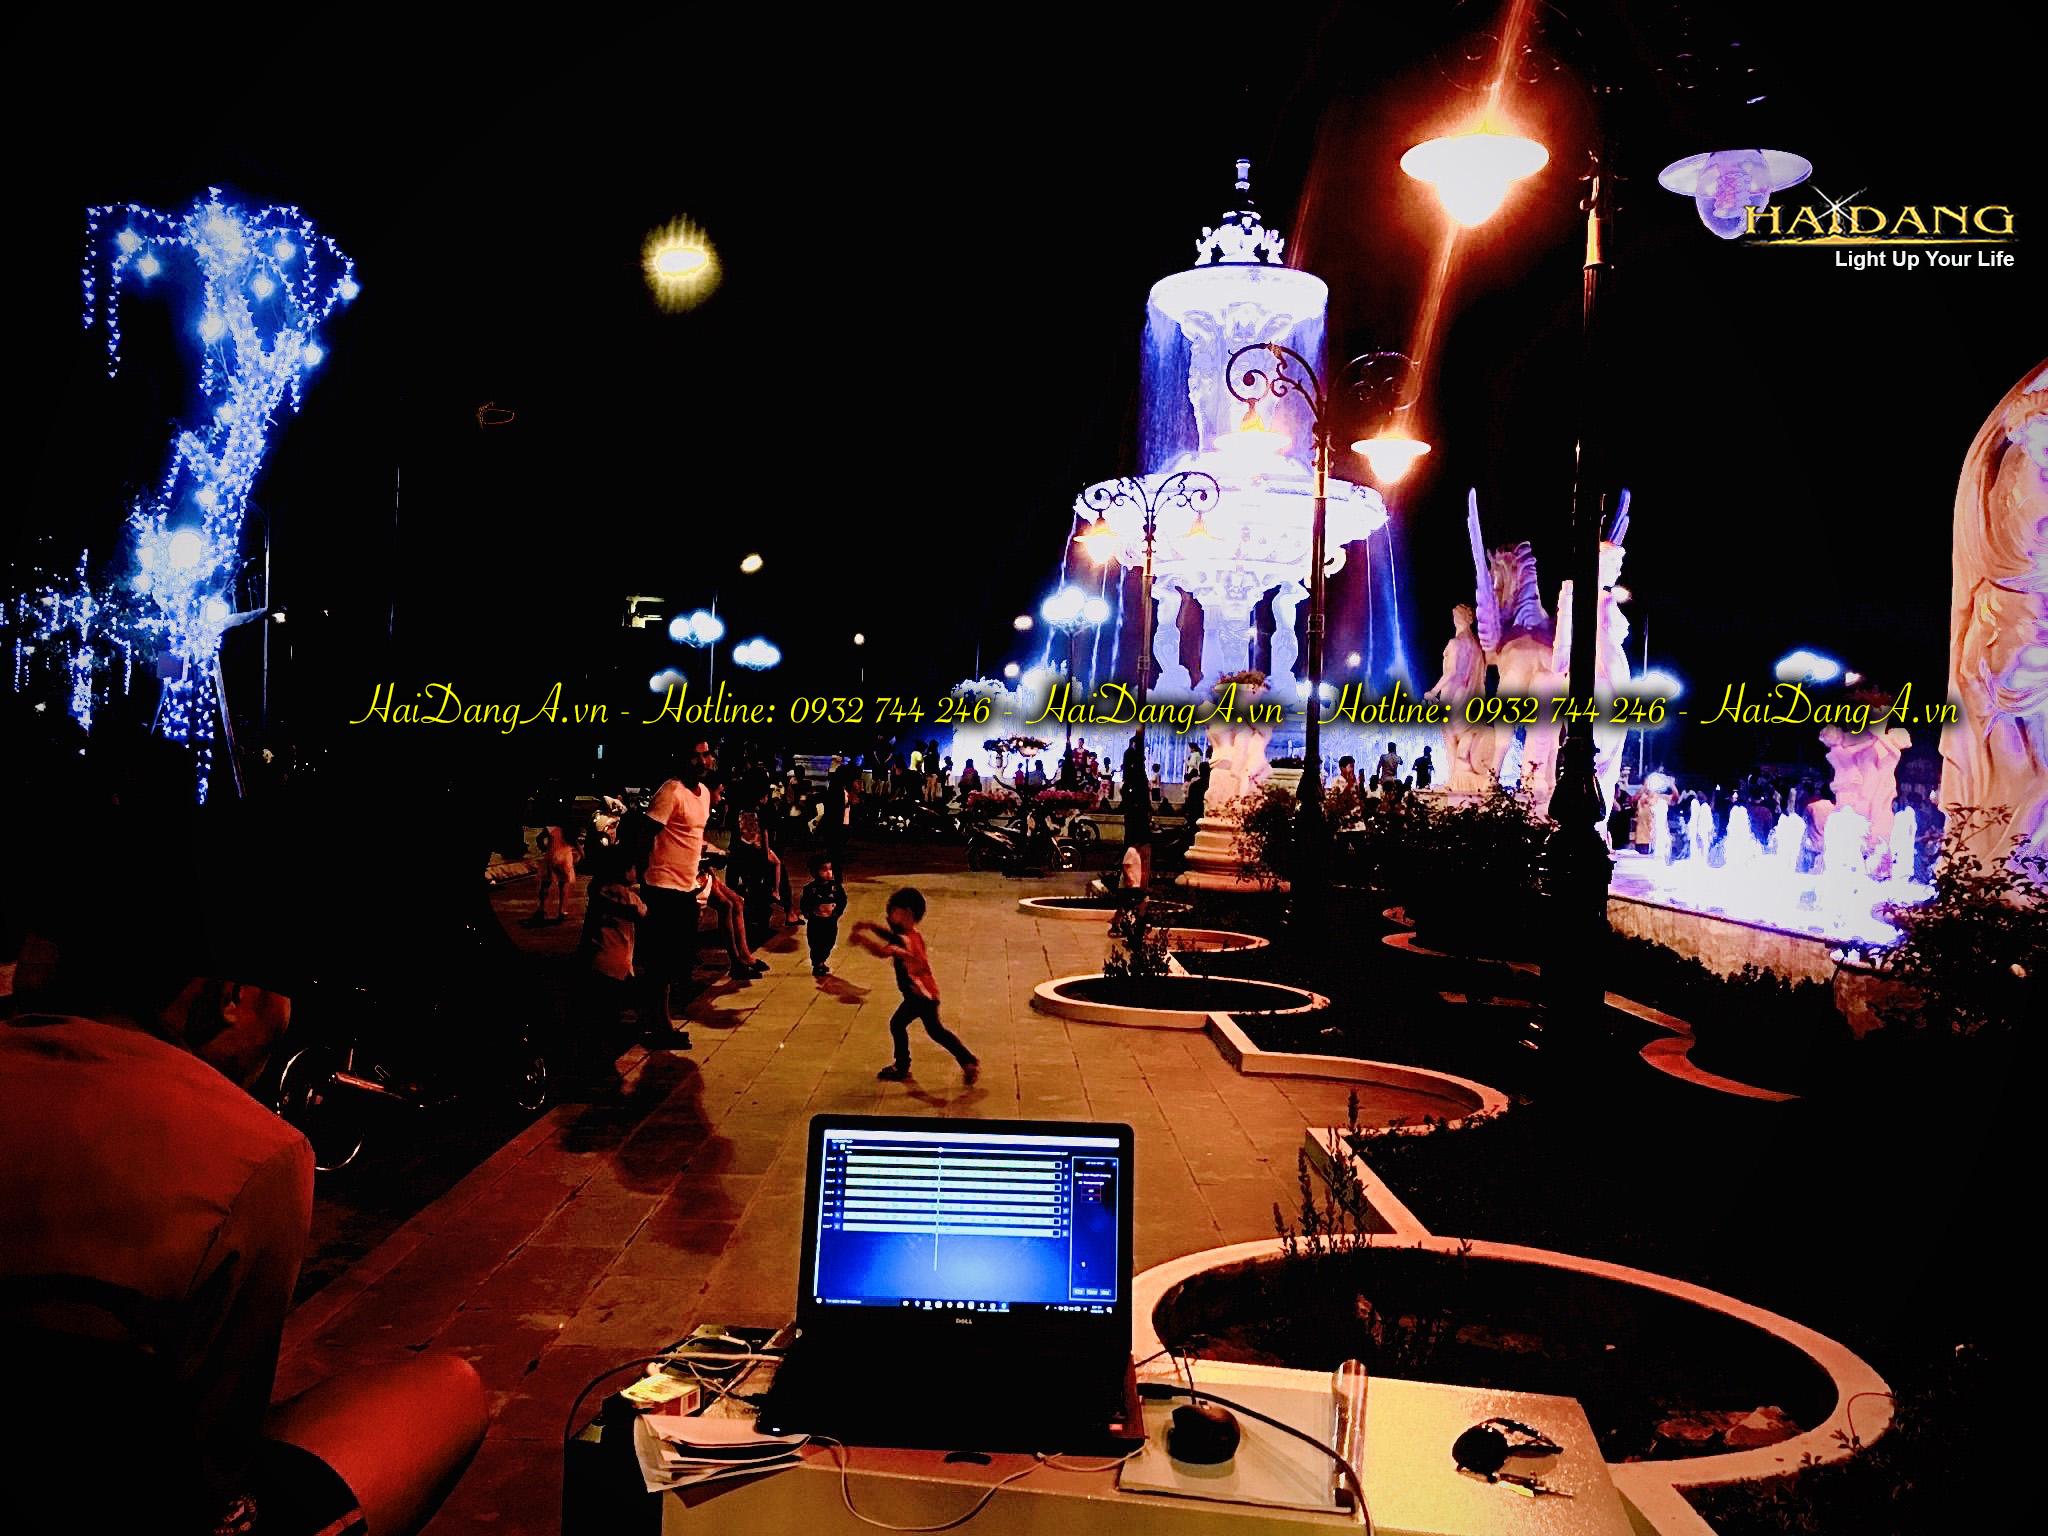 Nhân viên công ty Hải Đăng đang lập trình điều khiển vận hành hệ thống nhạc nước tại KĐT Ninh Hiệp